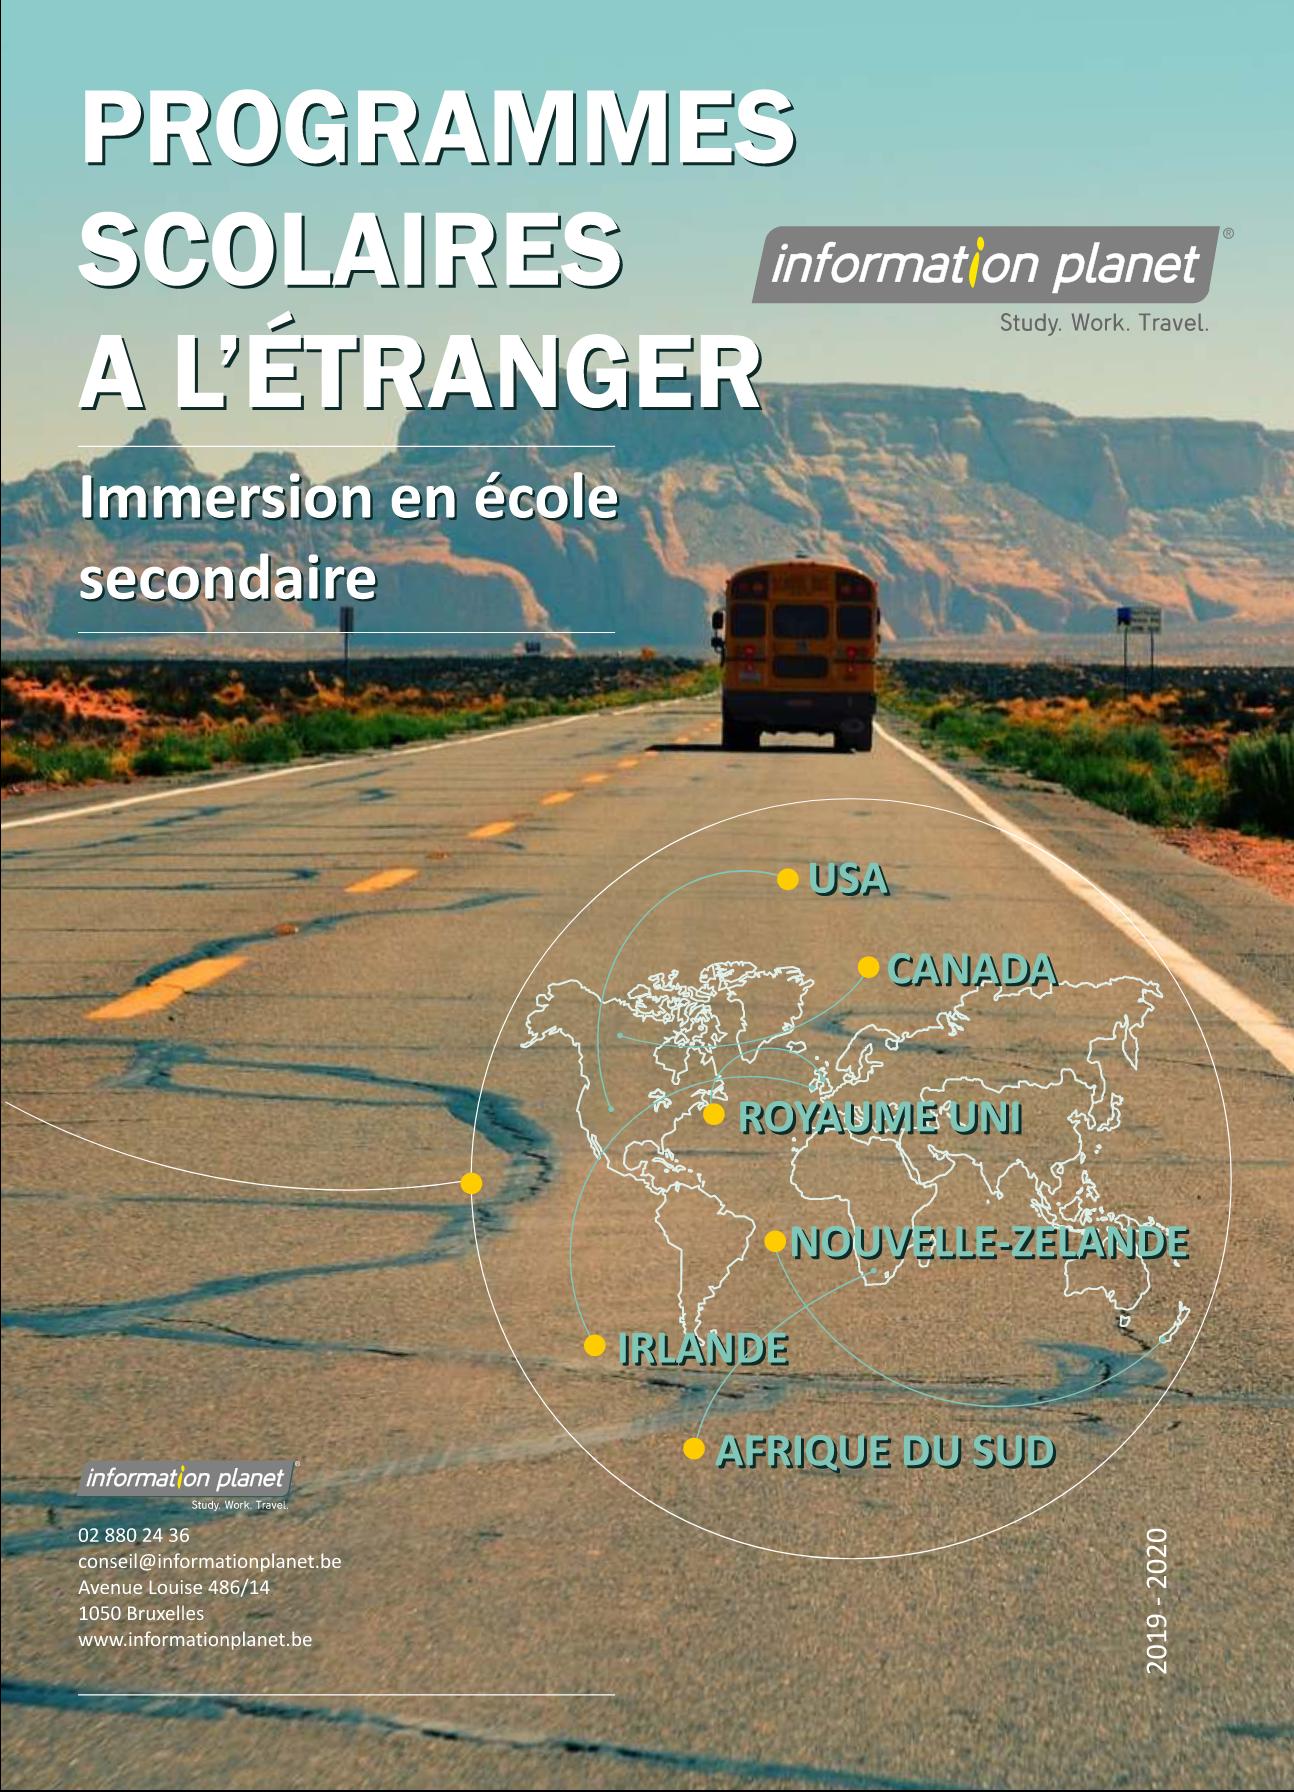 miniature_brochure_hs.Information_Planet2018